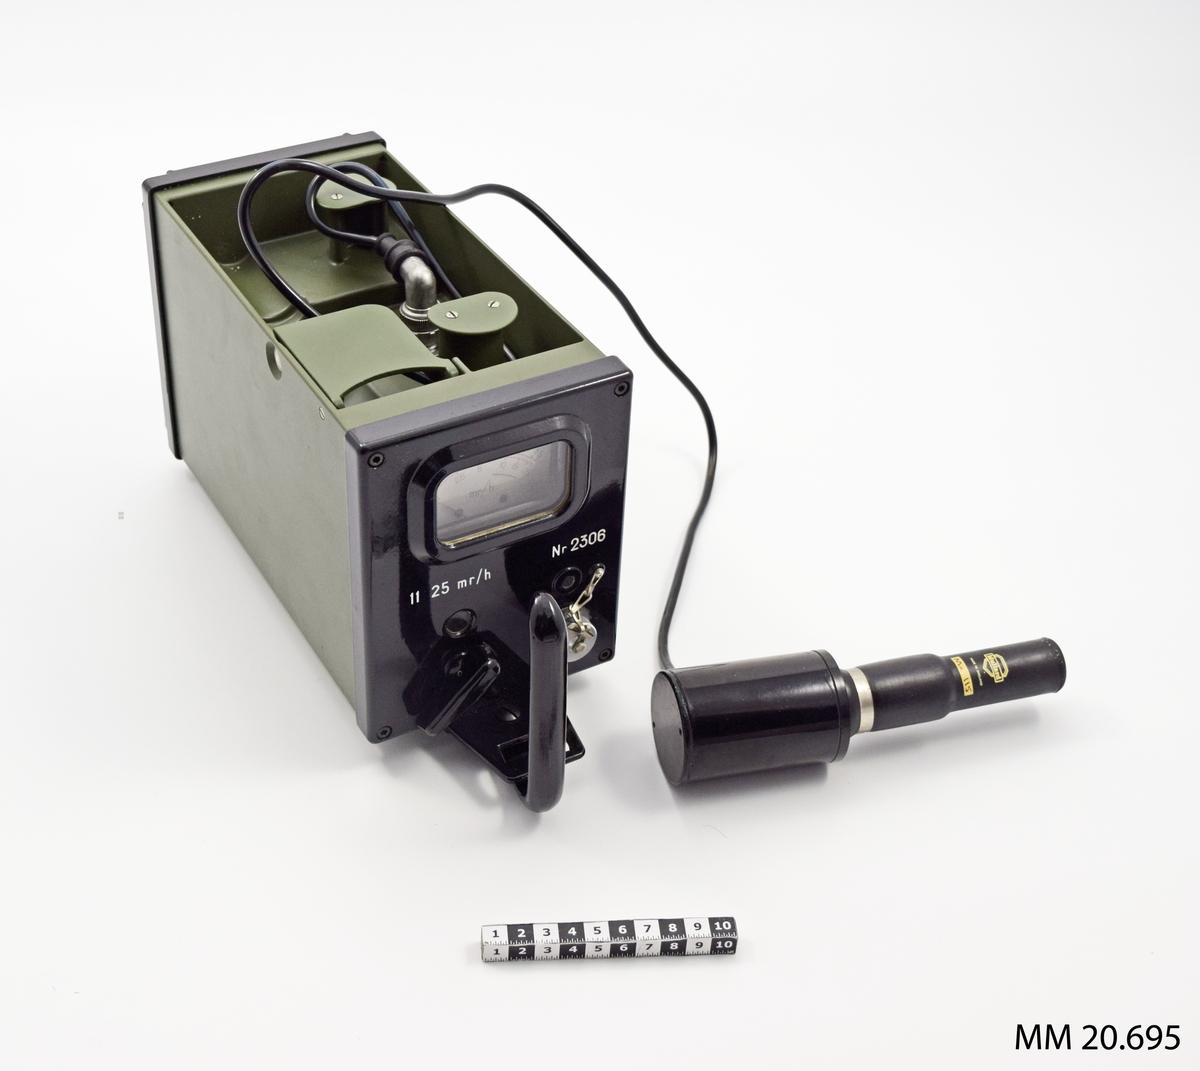 """Intensimeter i hölje av lättmetall, grönmålad. Ovansidan försedd med bärhandtag samt fönster för visarinstrument och manöverorgan, samt huvudomkopplare för olika mätområden. I sidan finns uttag med GM-rör (Geiger-Muller). I lådan finns batteribox med förlängningskabel och kopplingsdon, bärsele, plastpåsar med klämmor, skruvmejsel samt bärsele. Transportlåda av ek, fernissad, bärhandtag av läder. Lock överst med märkning: materielnummer och benämning samt: """"modifierad"""". Individnummer: 2306."""